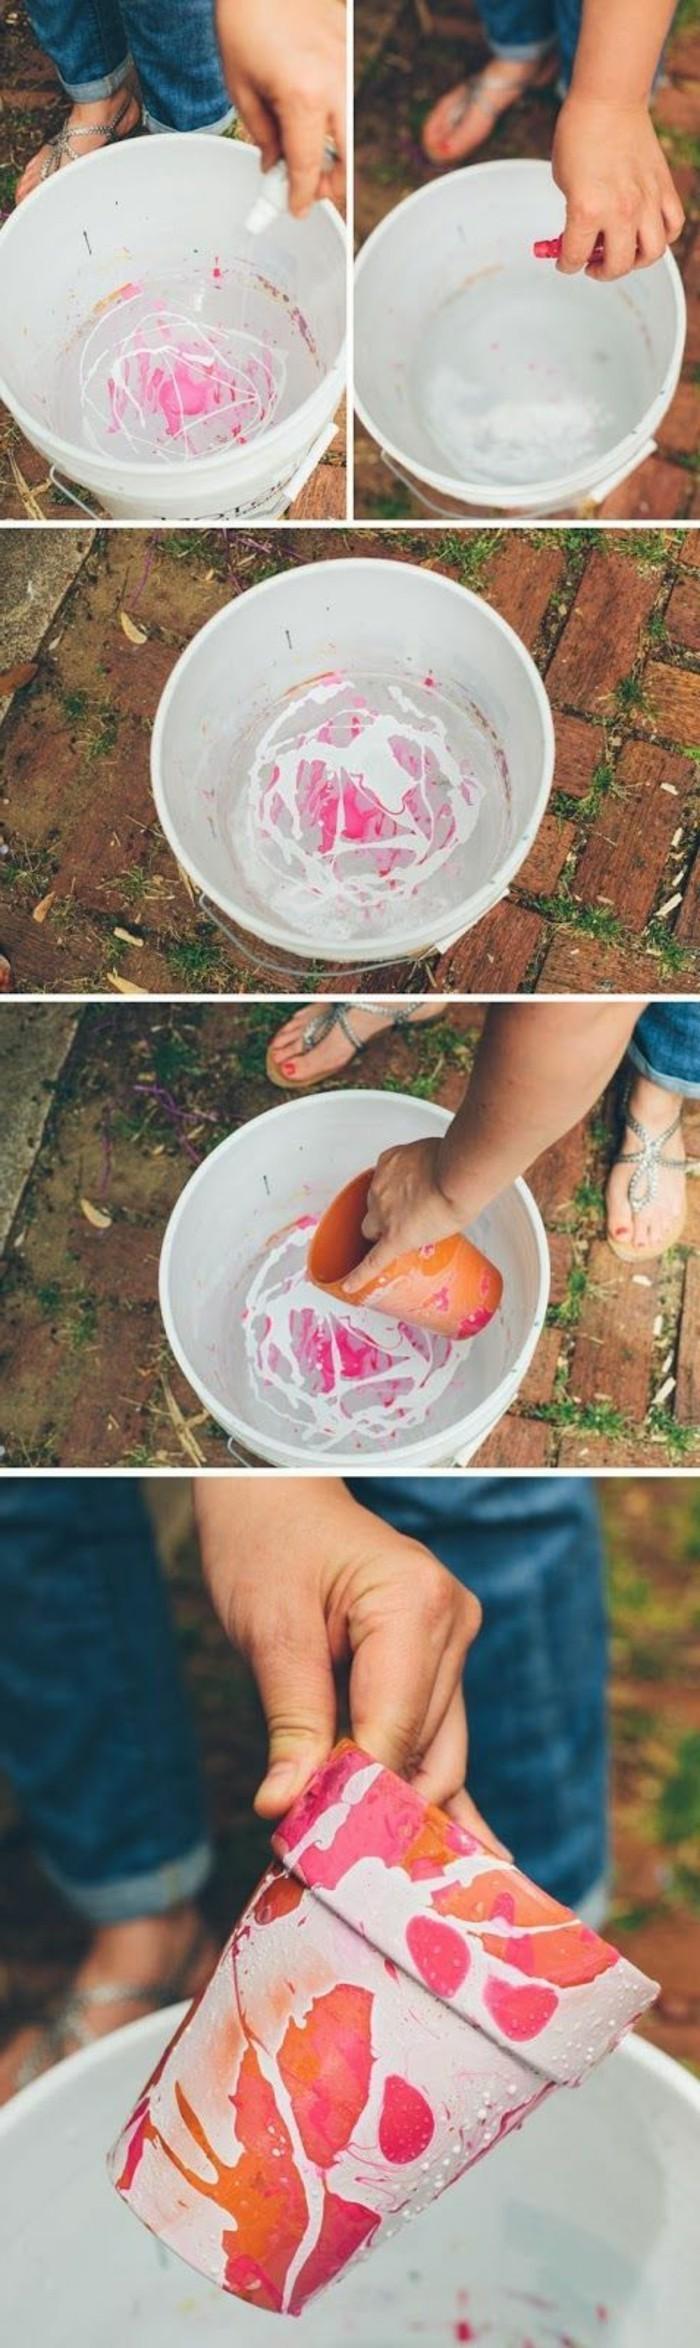 wohnideen-selber-machen-blumentopf-mit-nagellack-verzieren